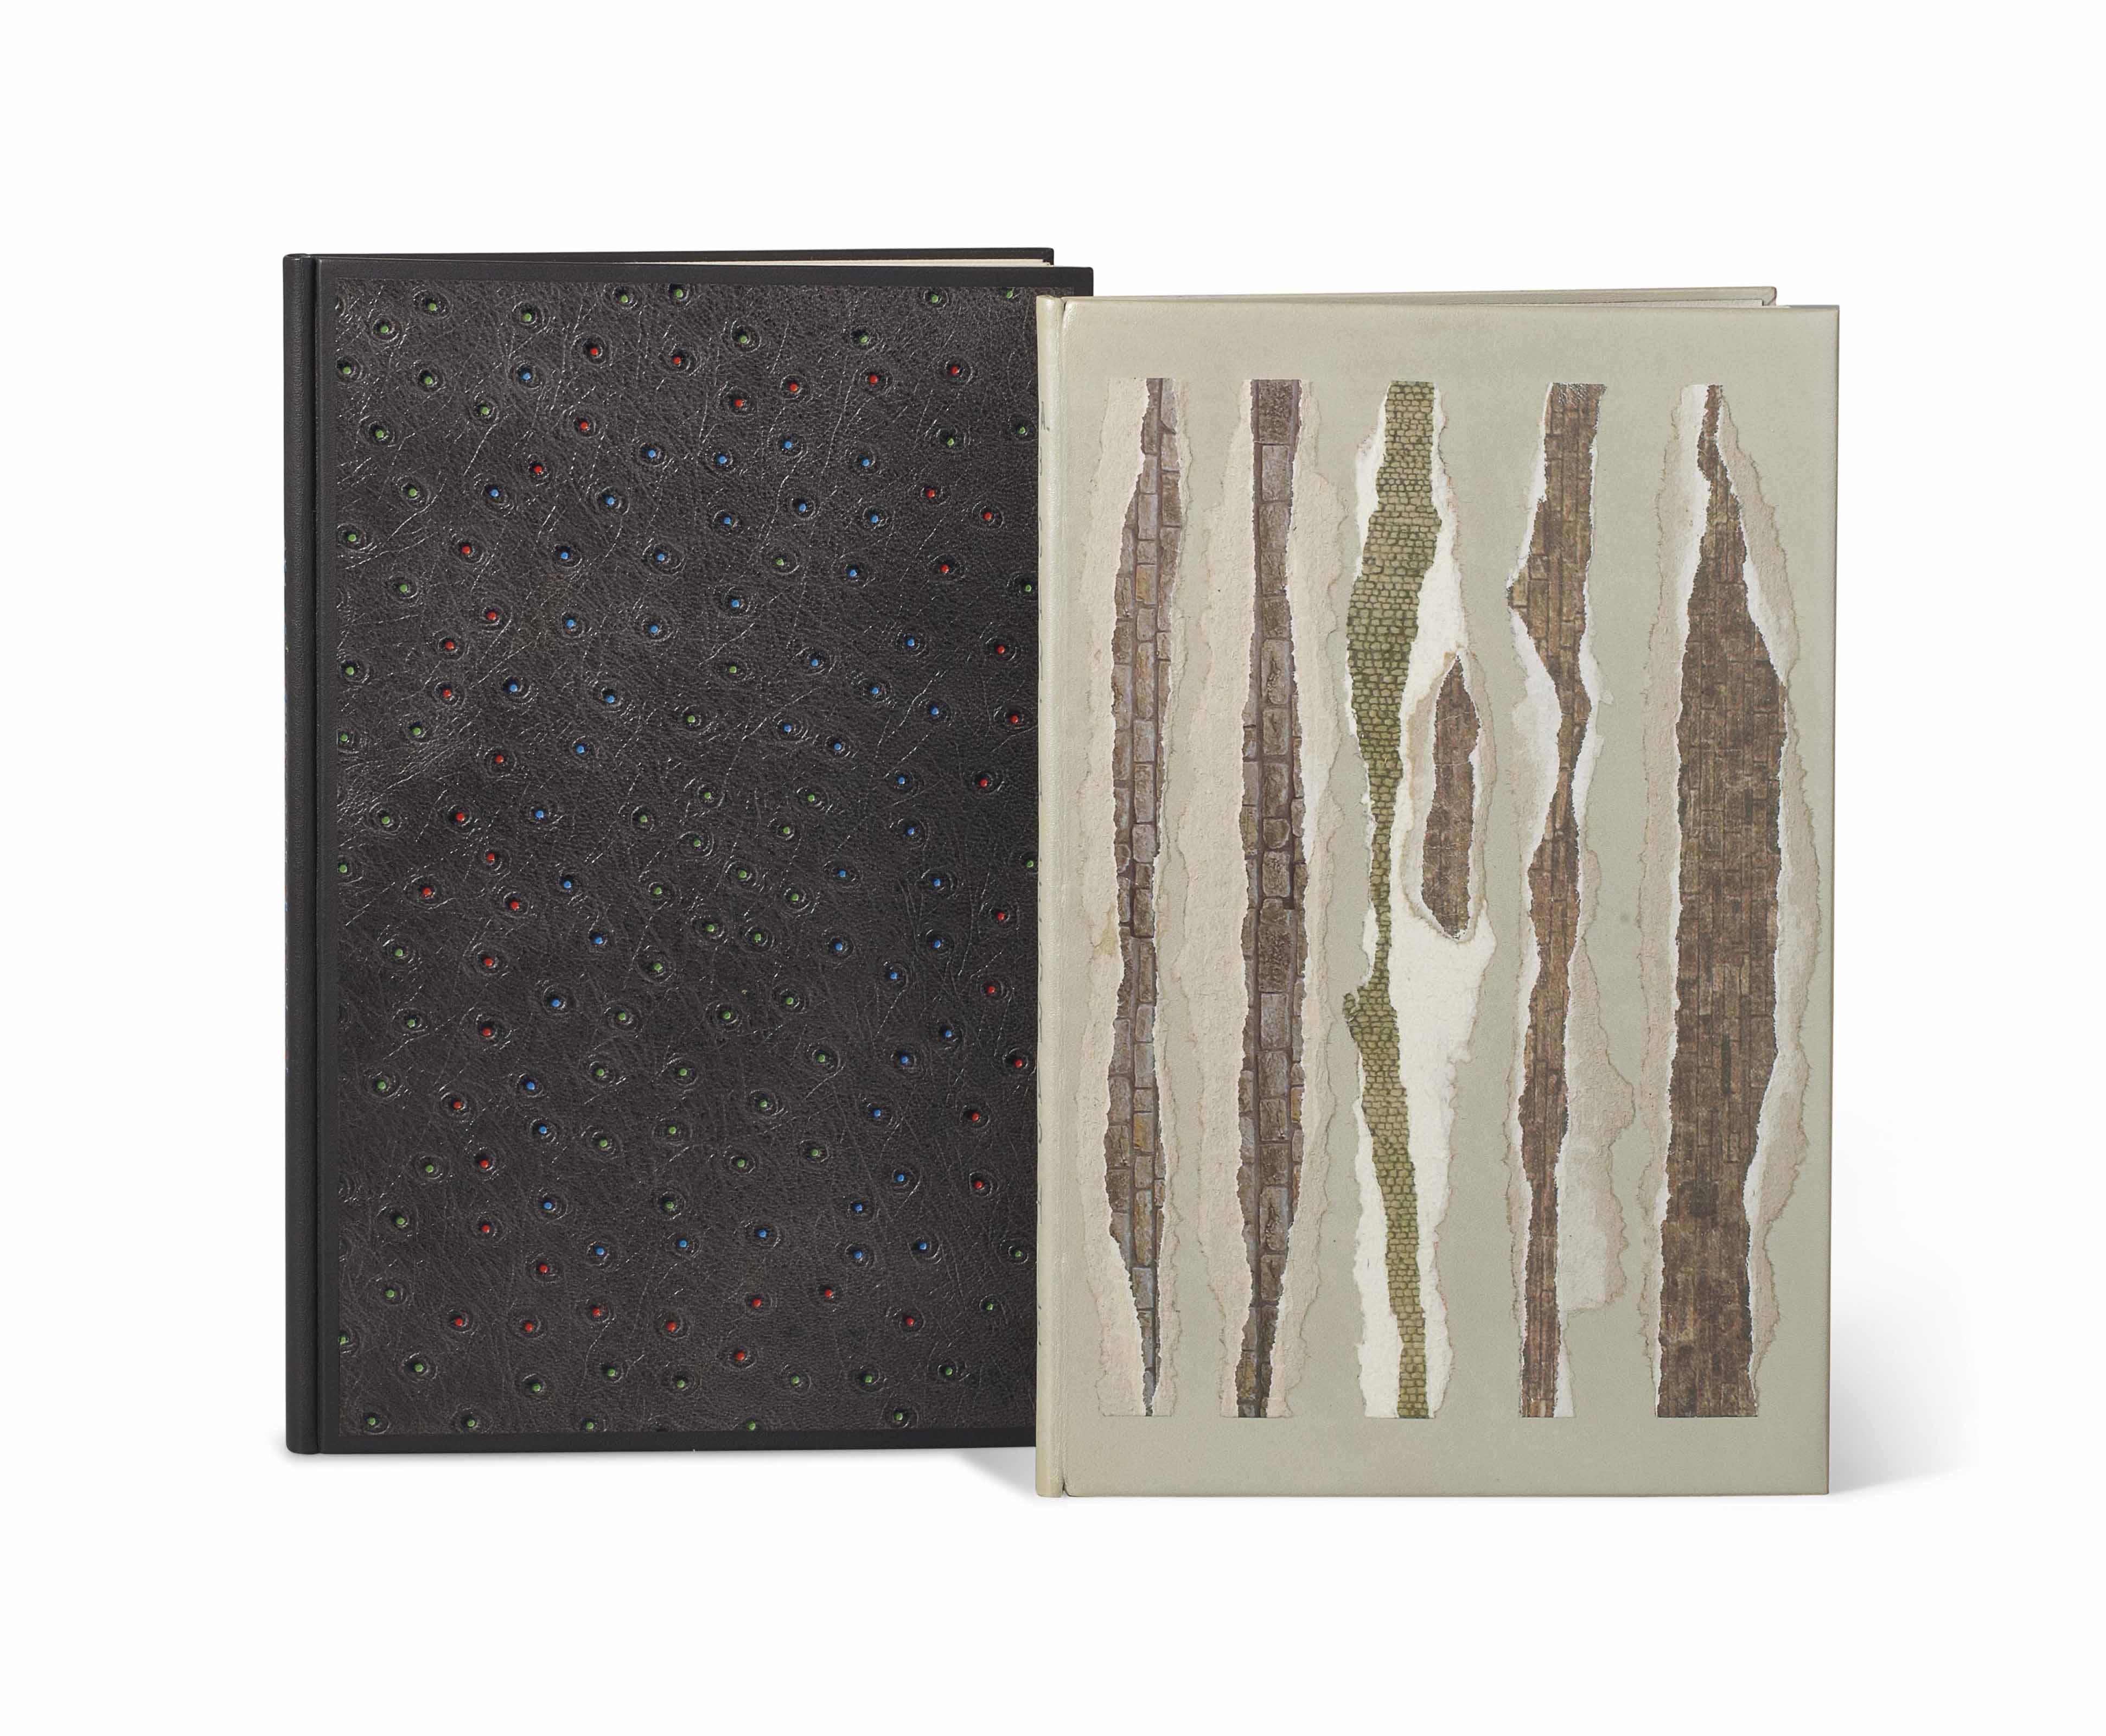 [MIRÓ] – Pierre-André BENOÎT (1921-1993). Les Livres de Miró réalisés par PAB. [Rivières : 1978]. In-8 (250 x 157 mm). Une cartalégraphie de Joan Miró tirée en gris sur la couverture. Reliure signée Leroux au contreplat et datée 1998, bradel de box tourterelle, dos lisse, plats d'autruche grise, chaque grain souligné d'un point à l'oeser de couleur vert, rouge et bleu, dos lisse avec le titre à l'oeser de mêmes couleurs, couverture, chemise et étui assortis.